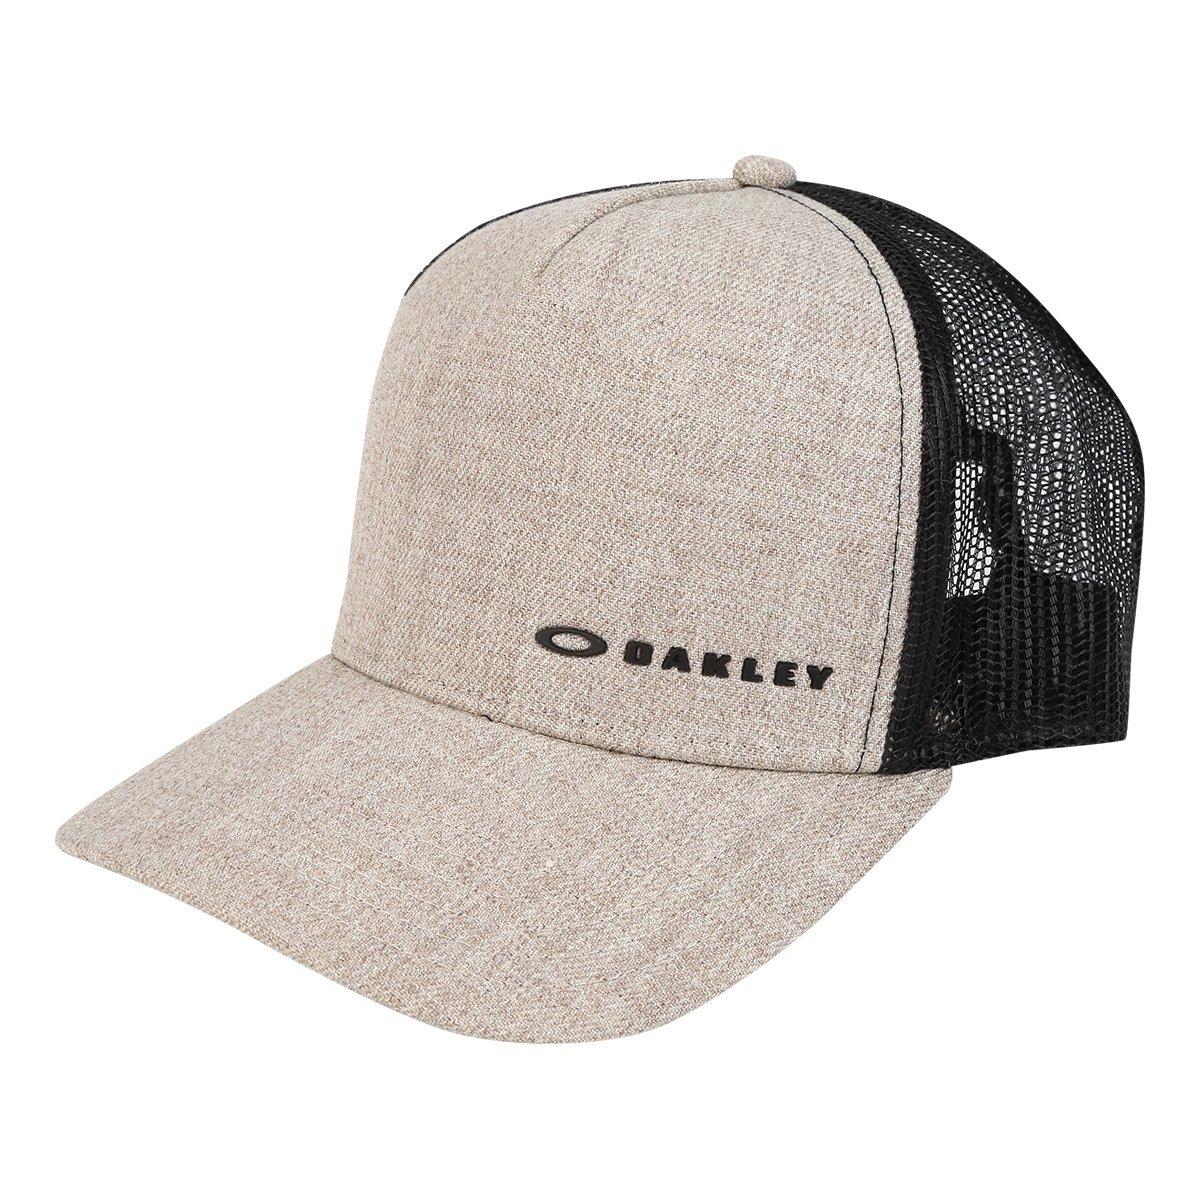 c77781b325 Bonés Oakley - Comprar com os melhores Preços | Netshoes